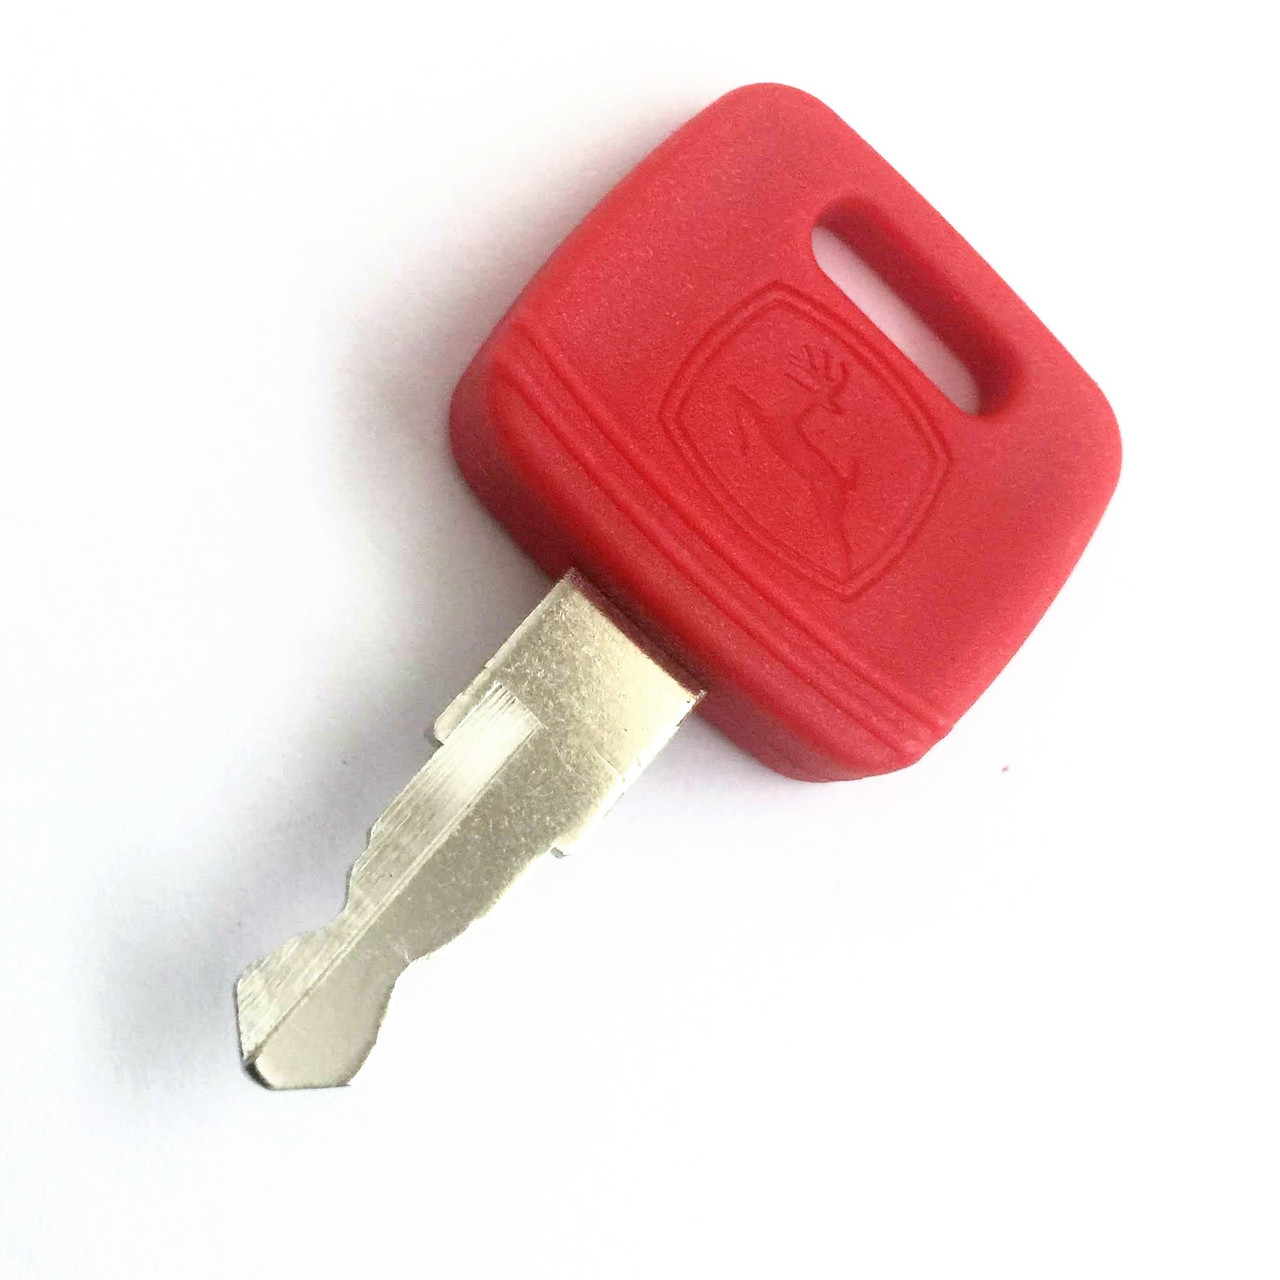 RE183935 Key